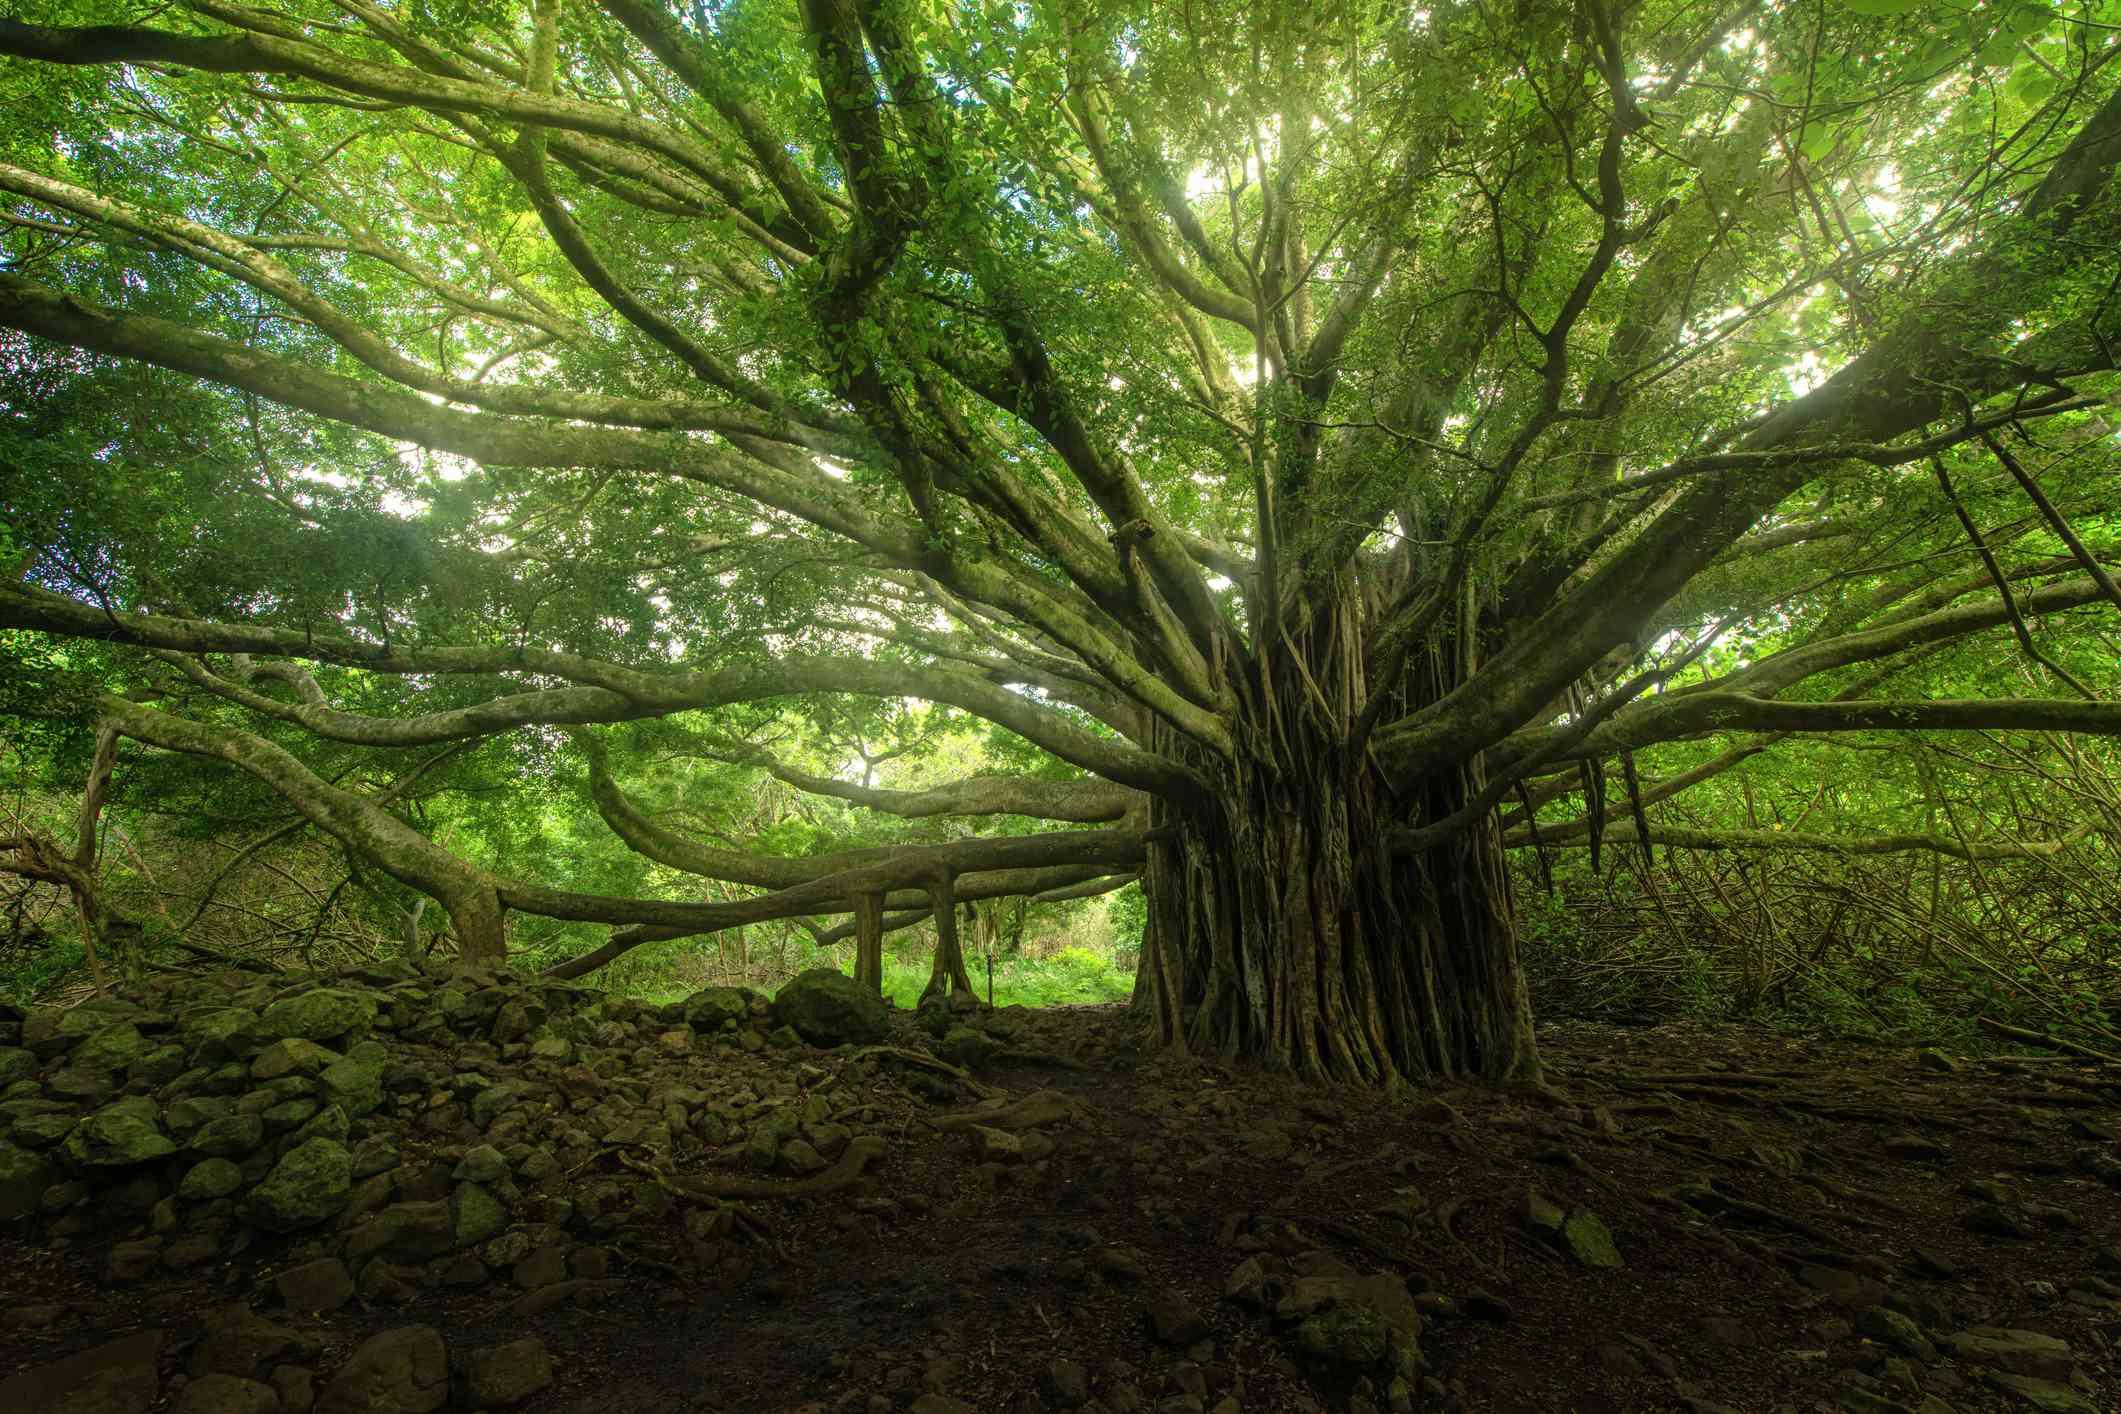 Banyan tree forest near Hana, Maui, Hawaii